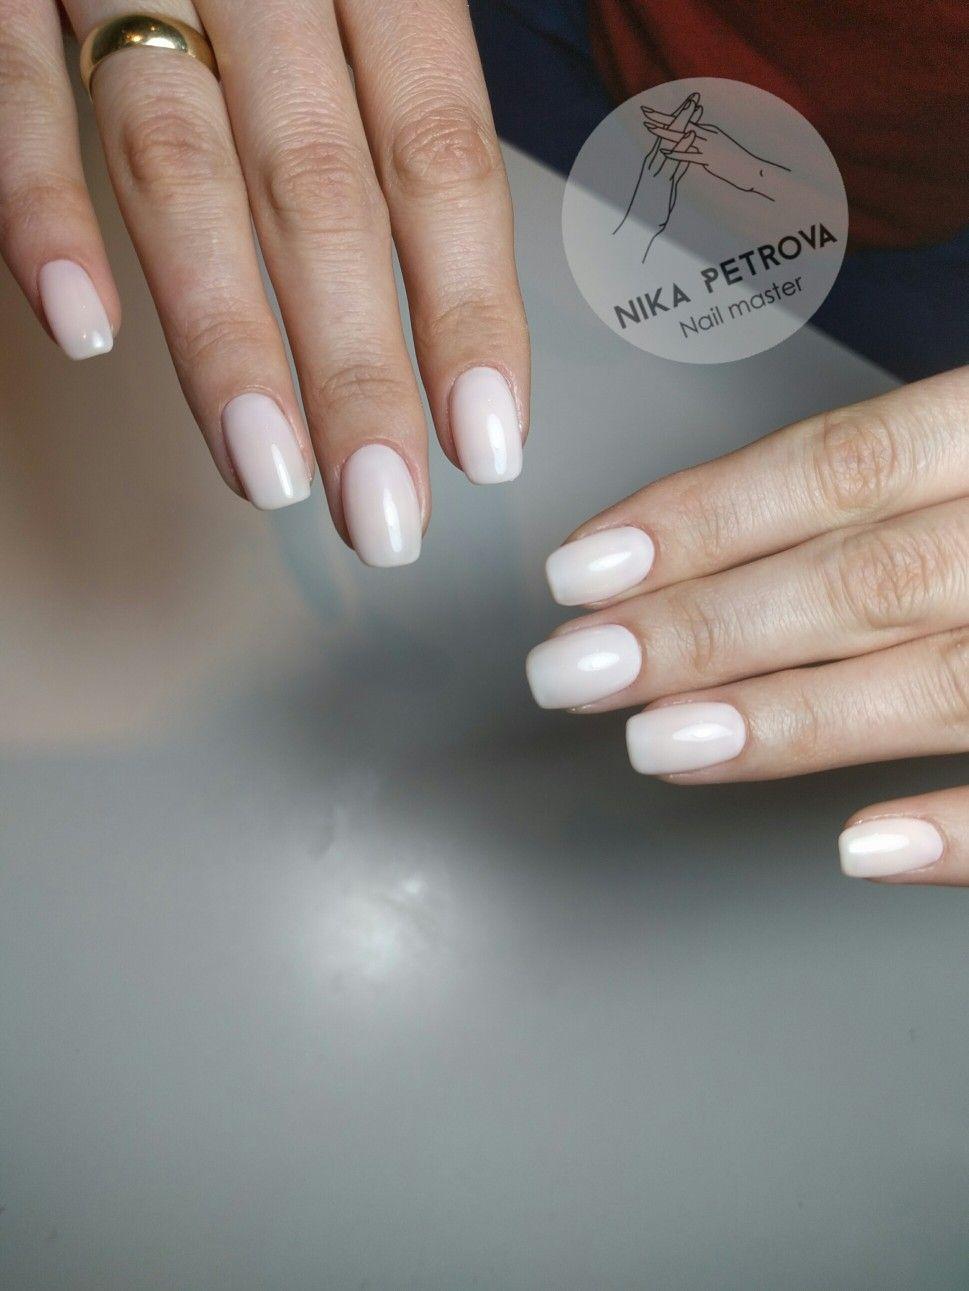 e3a13ca21ae340 Маникюр свадебный свадьба нежный нежность нюд блеск белый бежевый ногти  маникюр ногти manicure mani nails nail nude white beauty